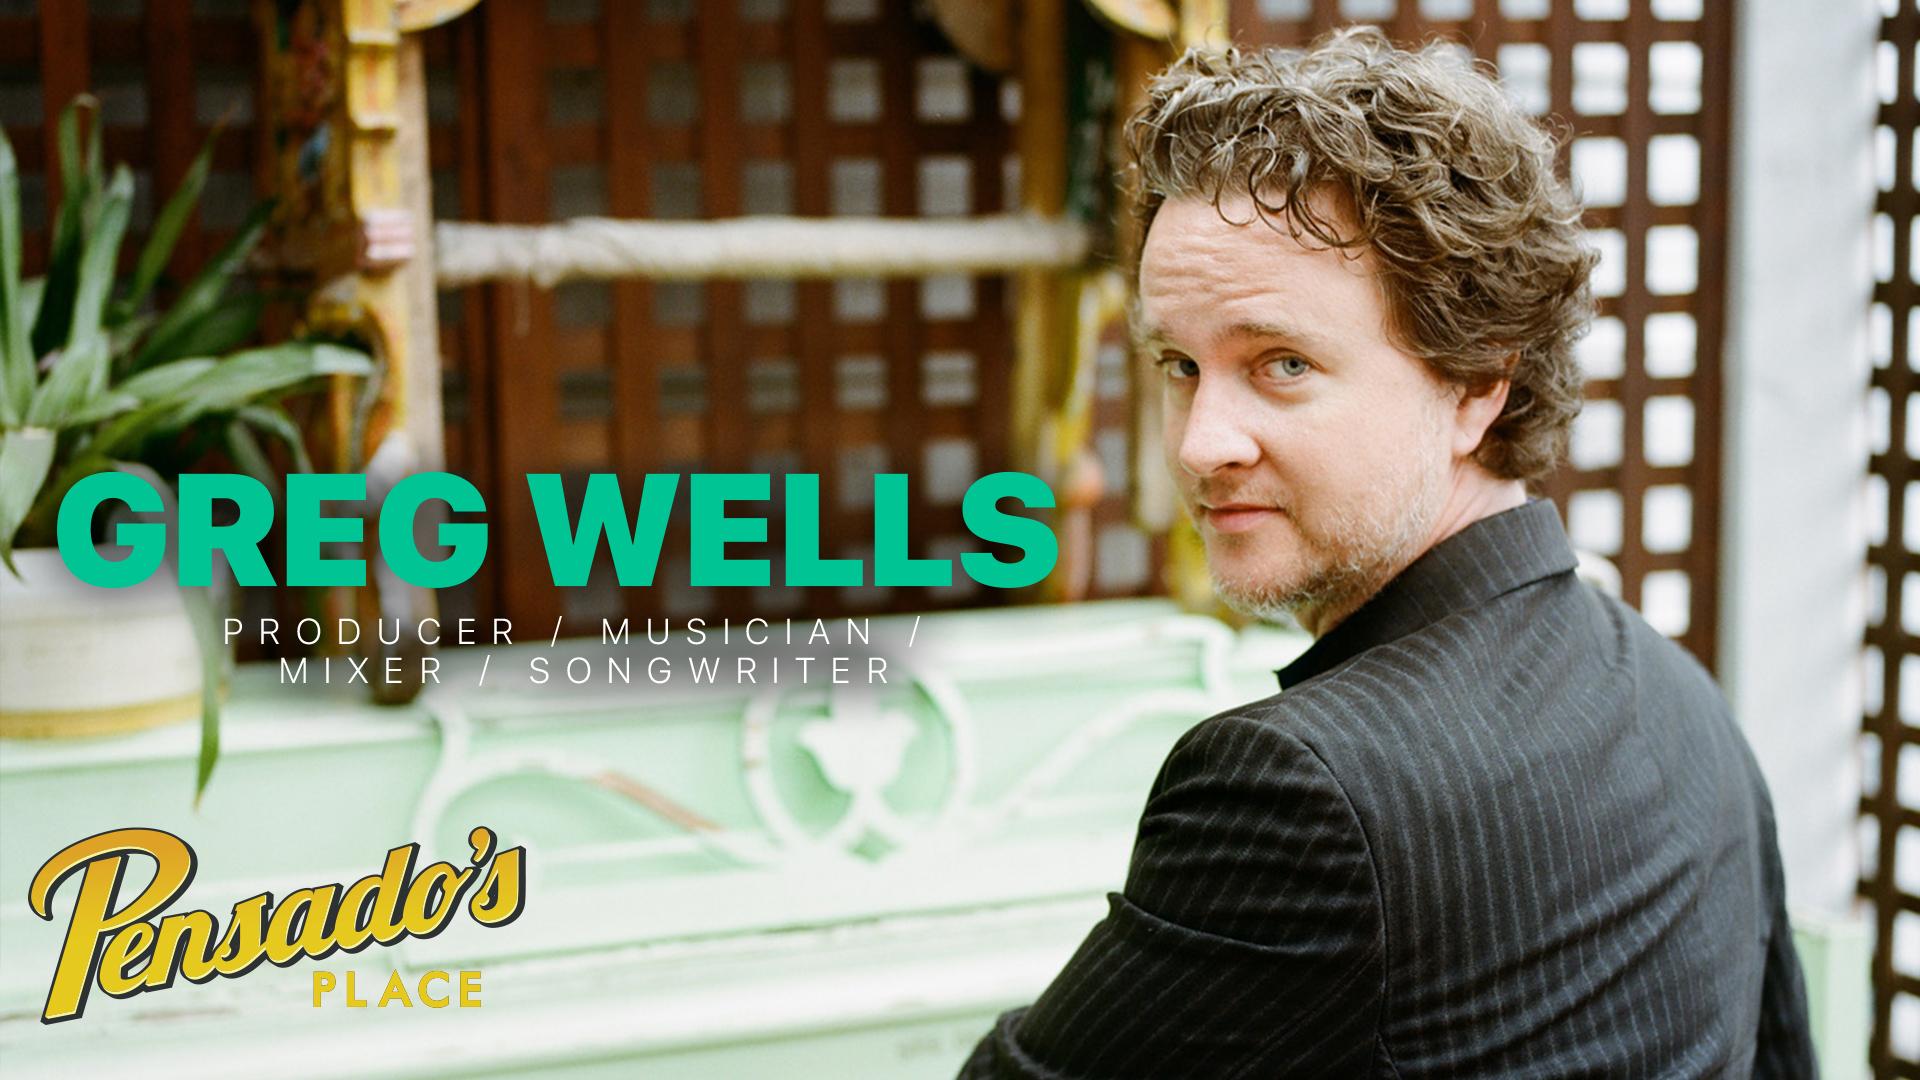 Producer / Musician / Mixer / Songwriter, Greg Wells